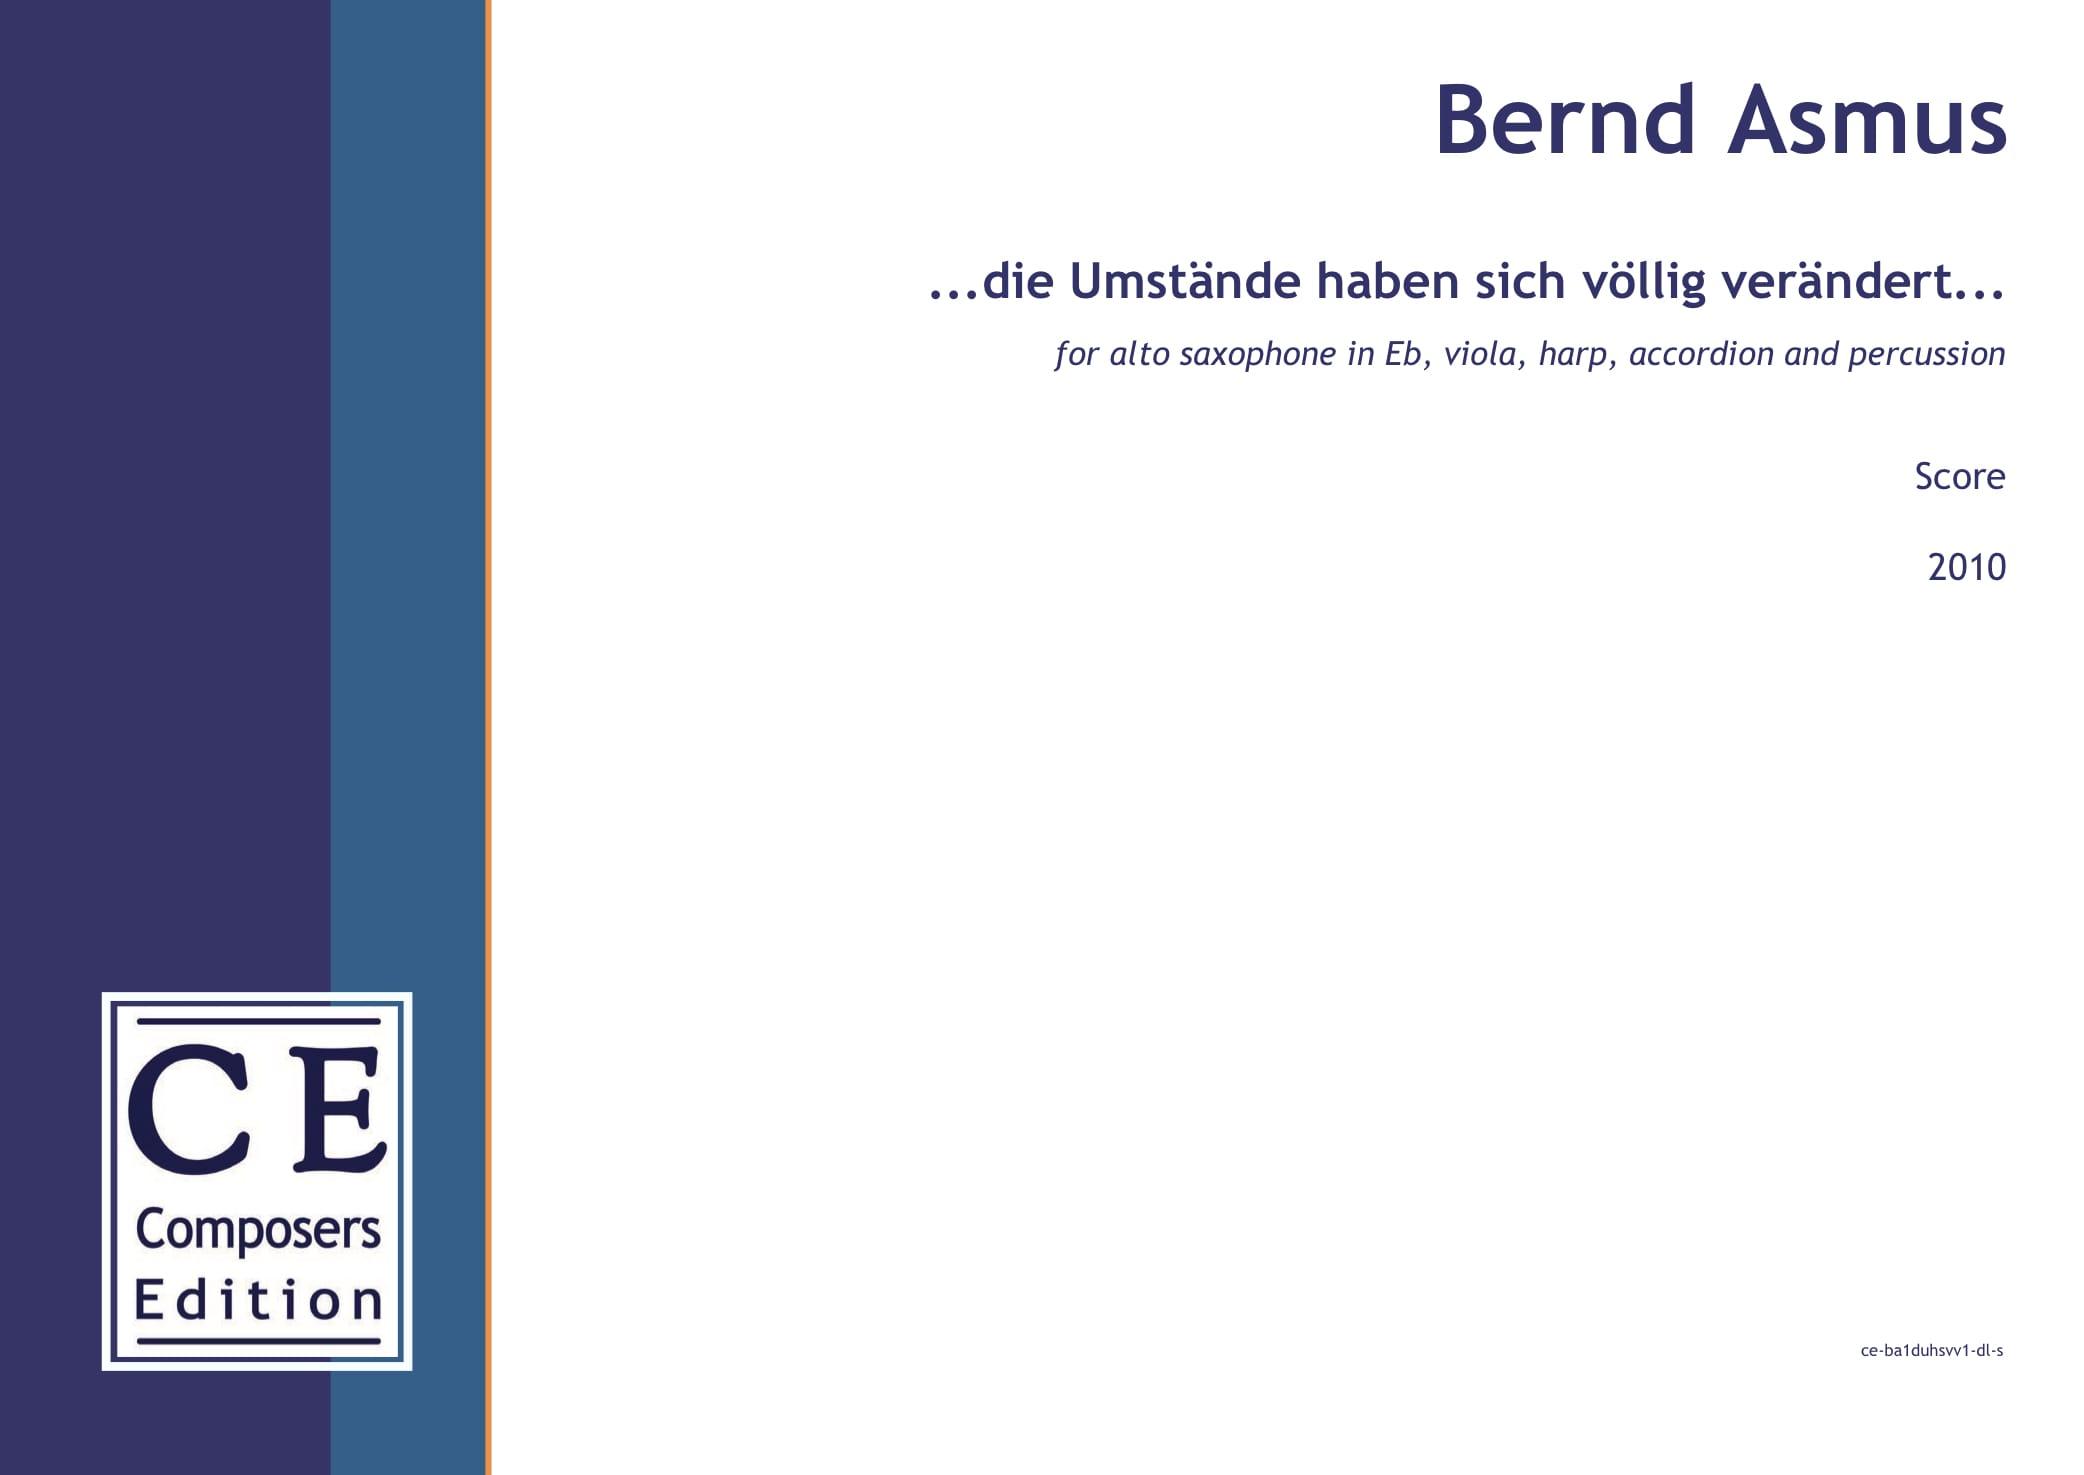 Bernd Asmus: ...die Umstände haben sich völlig verändert... for alto saxophone in Eb, viola, harp, accordion and percussion